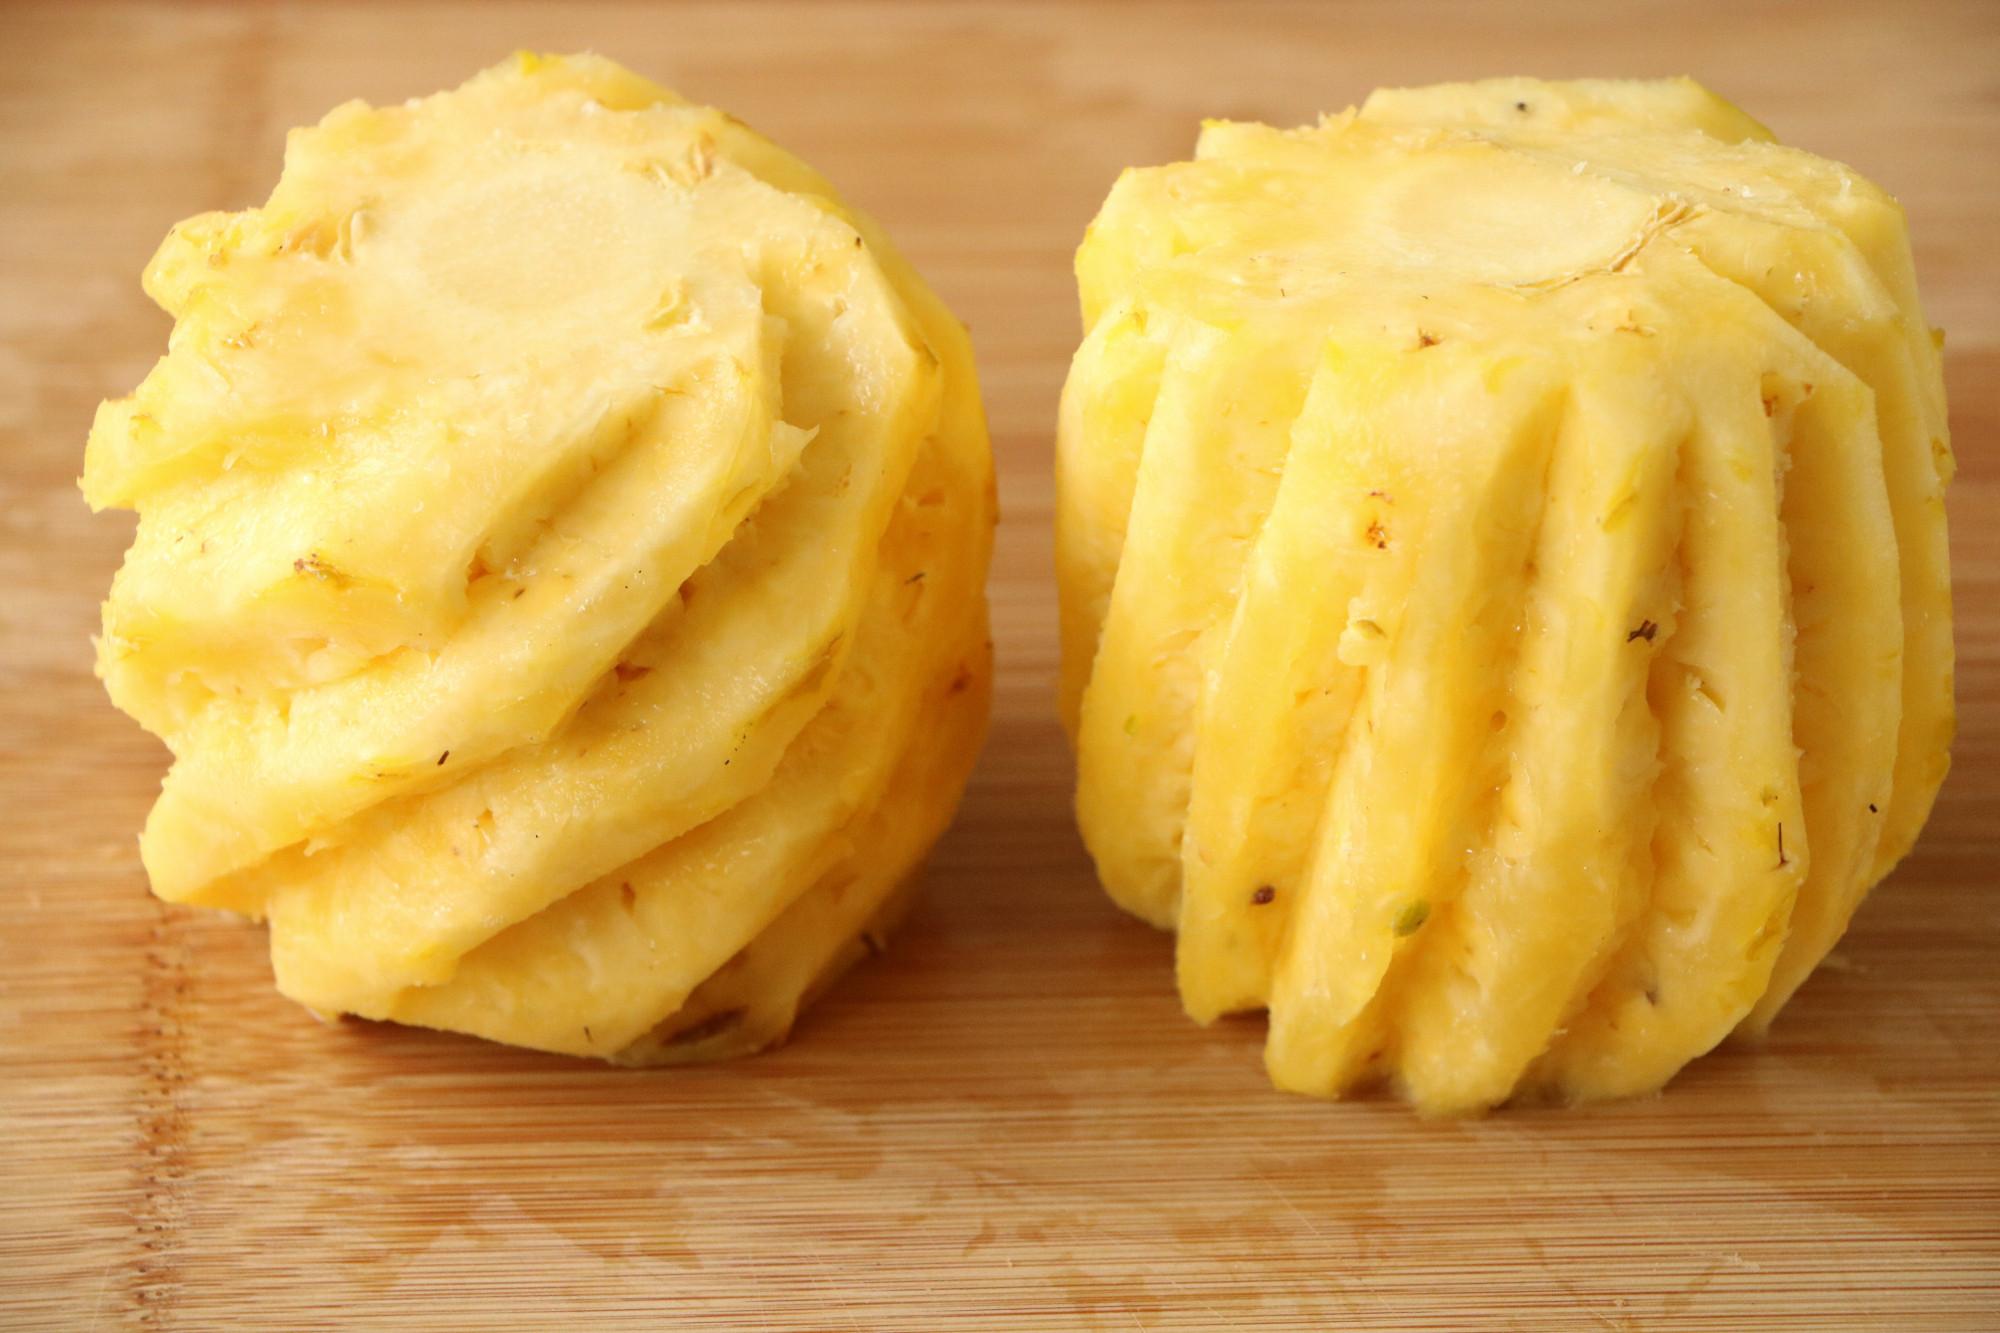 一斤20幾塊的點心,在家簡單易做,比賣的還好吃,健康無添加